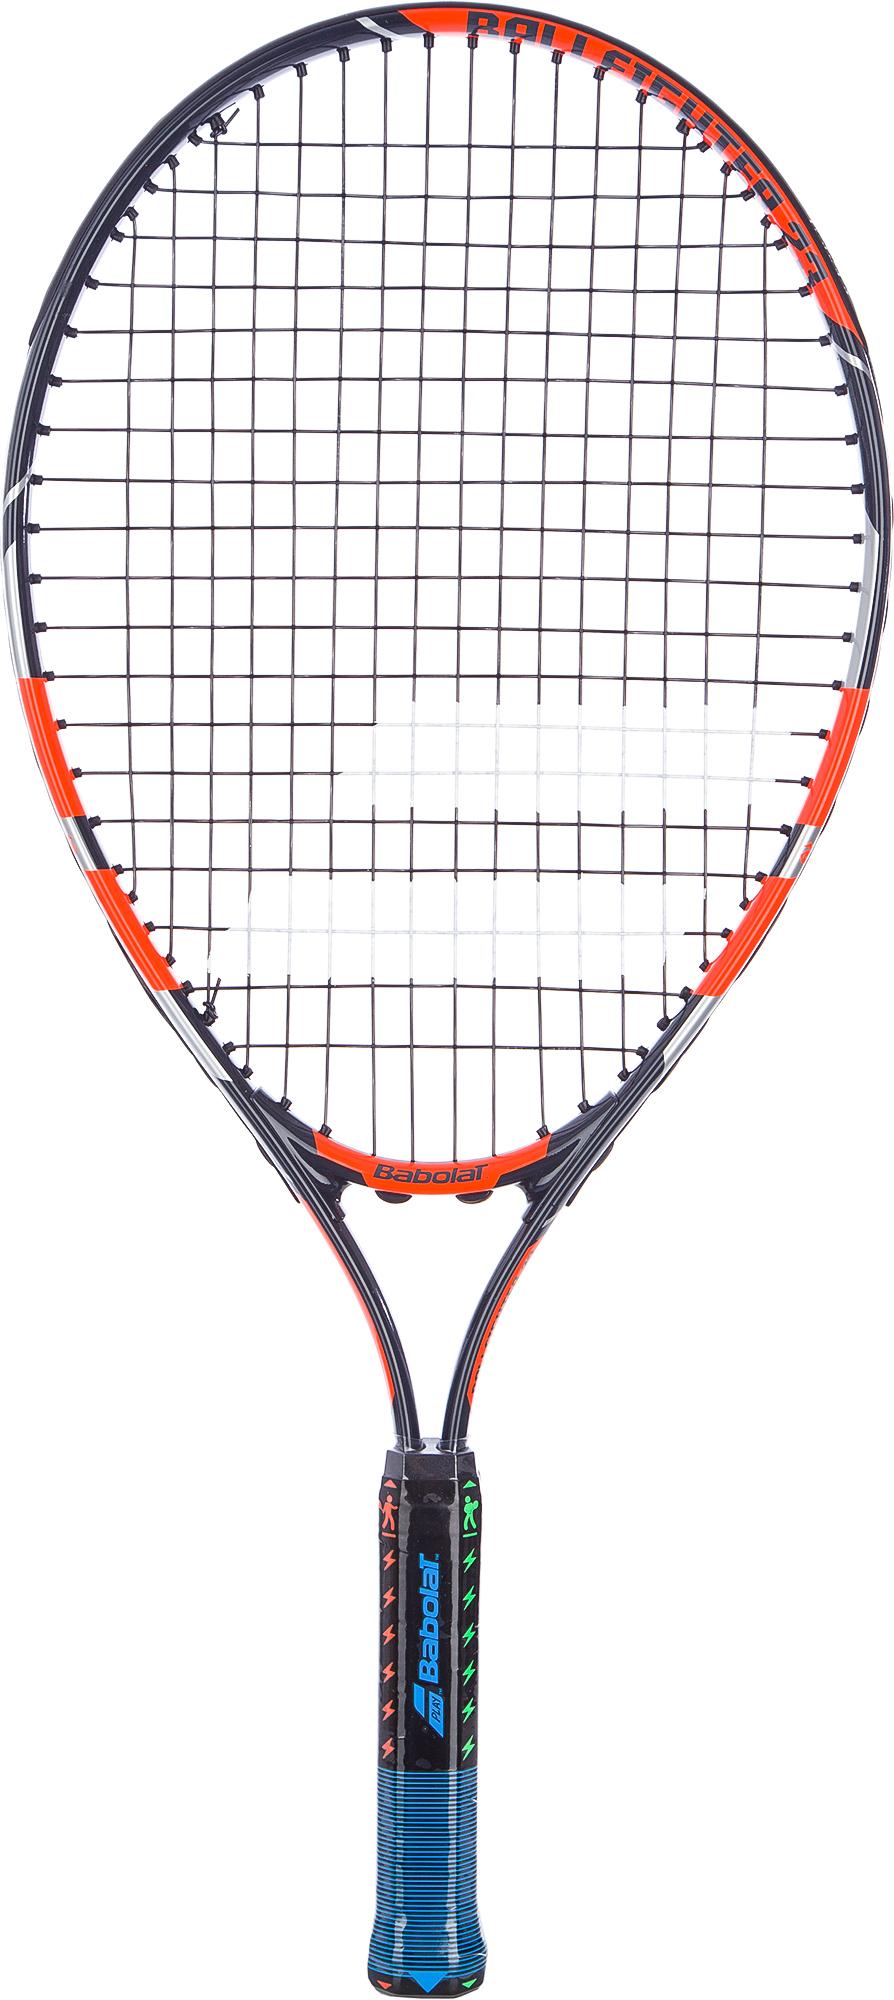 Babolat Ракетка для большого тенниса детская Babolat BALLFIGHTER 23 babolat набор мячей для большого тенниса babolat championship x3 размер без размера